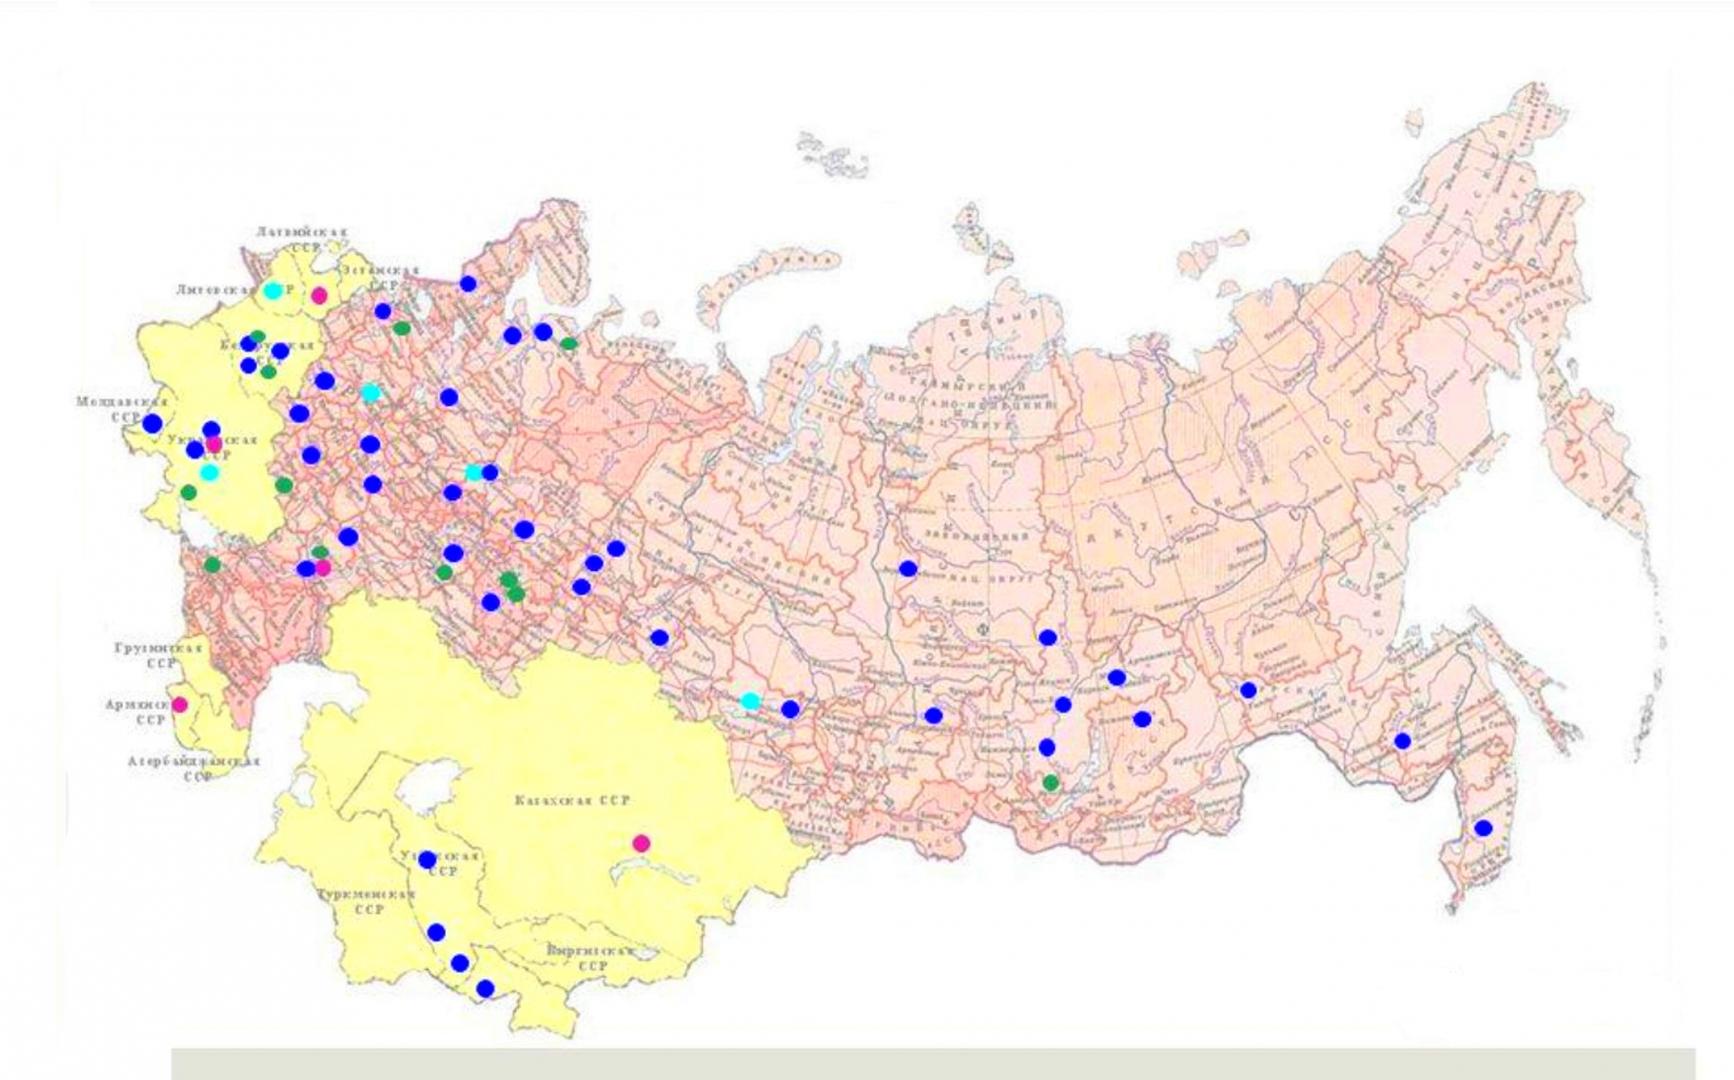 Рис. 3. Биоиндустрия в СССР. Гидролизные заводы, производство БВК, лизина и ферментов на 1990 год